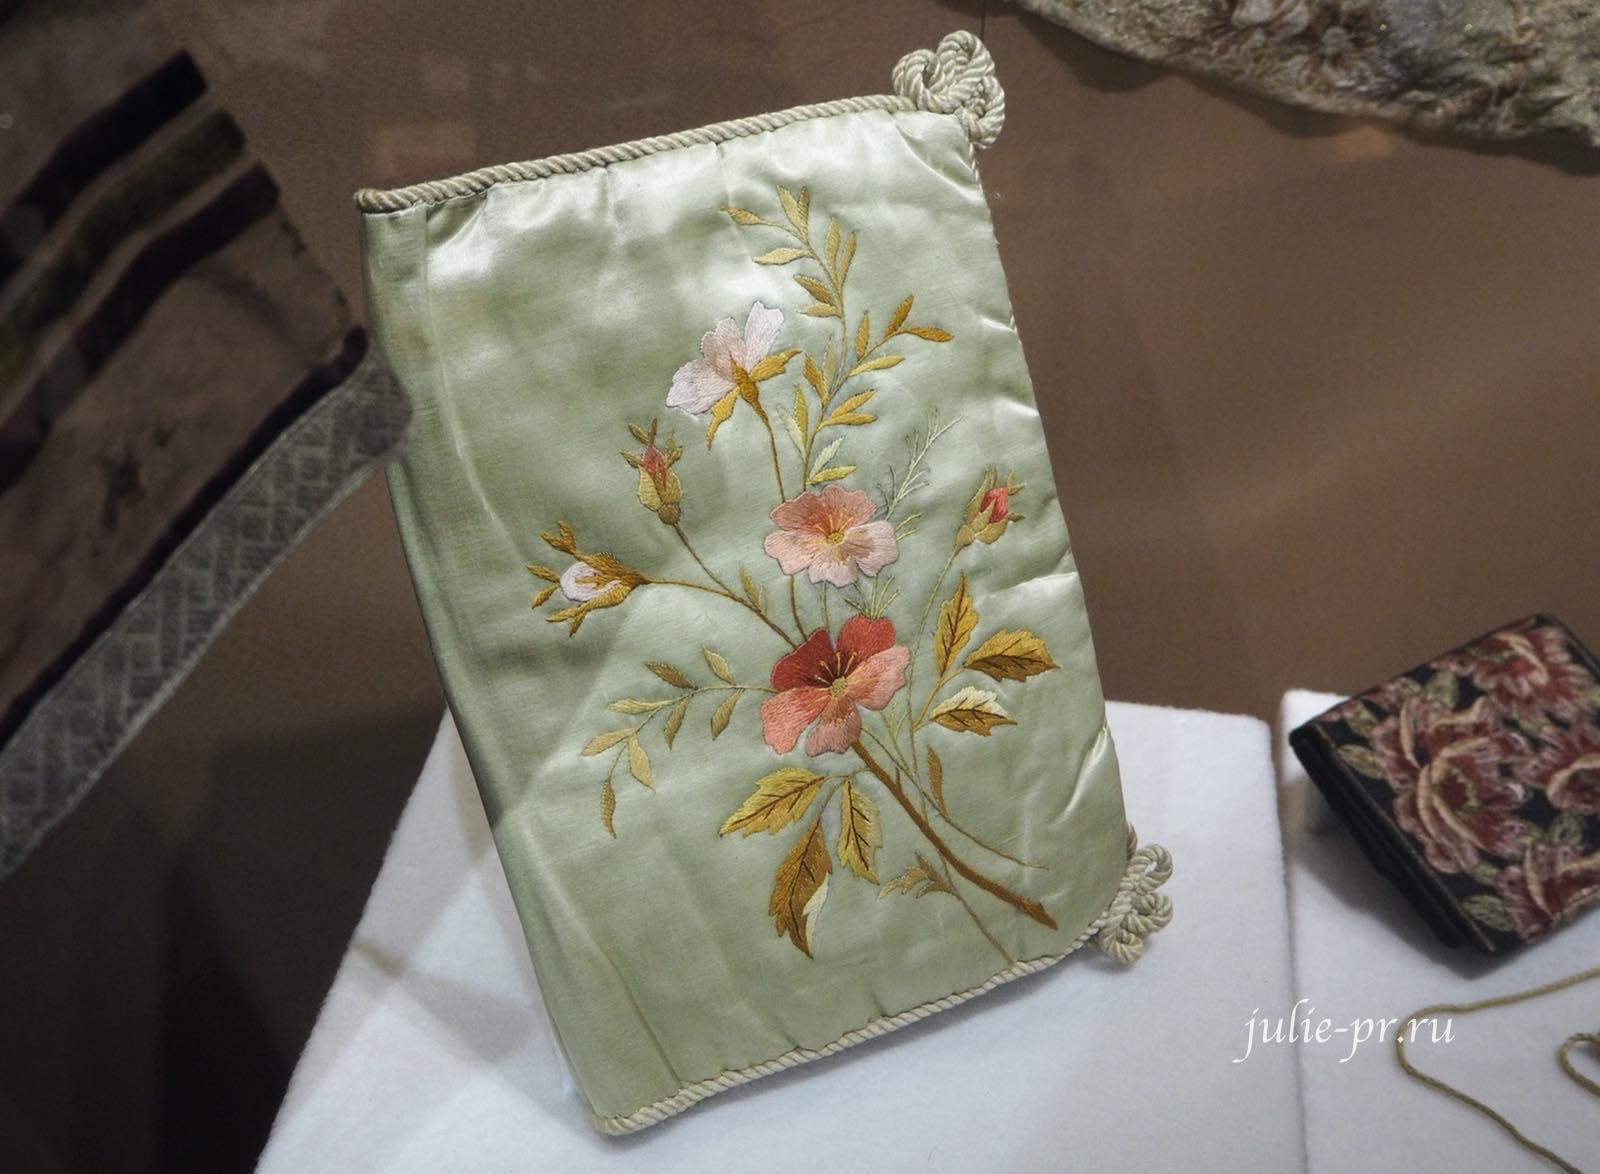 Обложка для книги (Россия, начало XX века): шёлковые нити, вышивка гладью